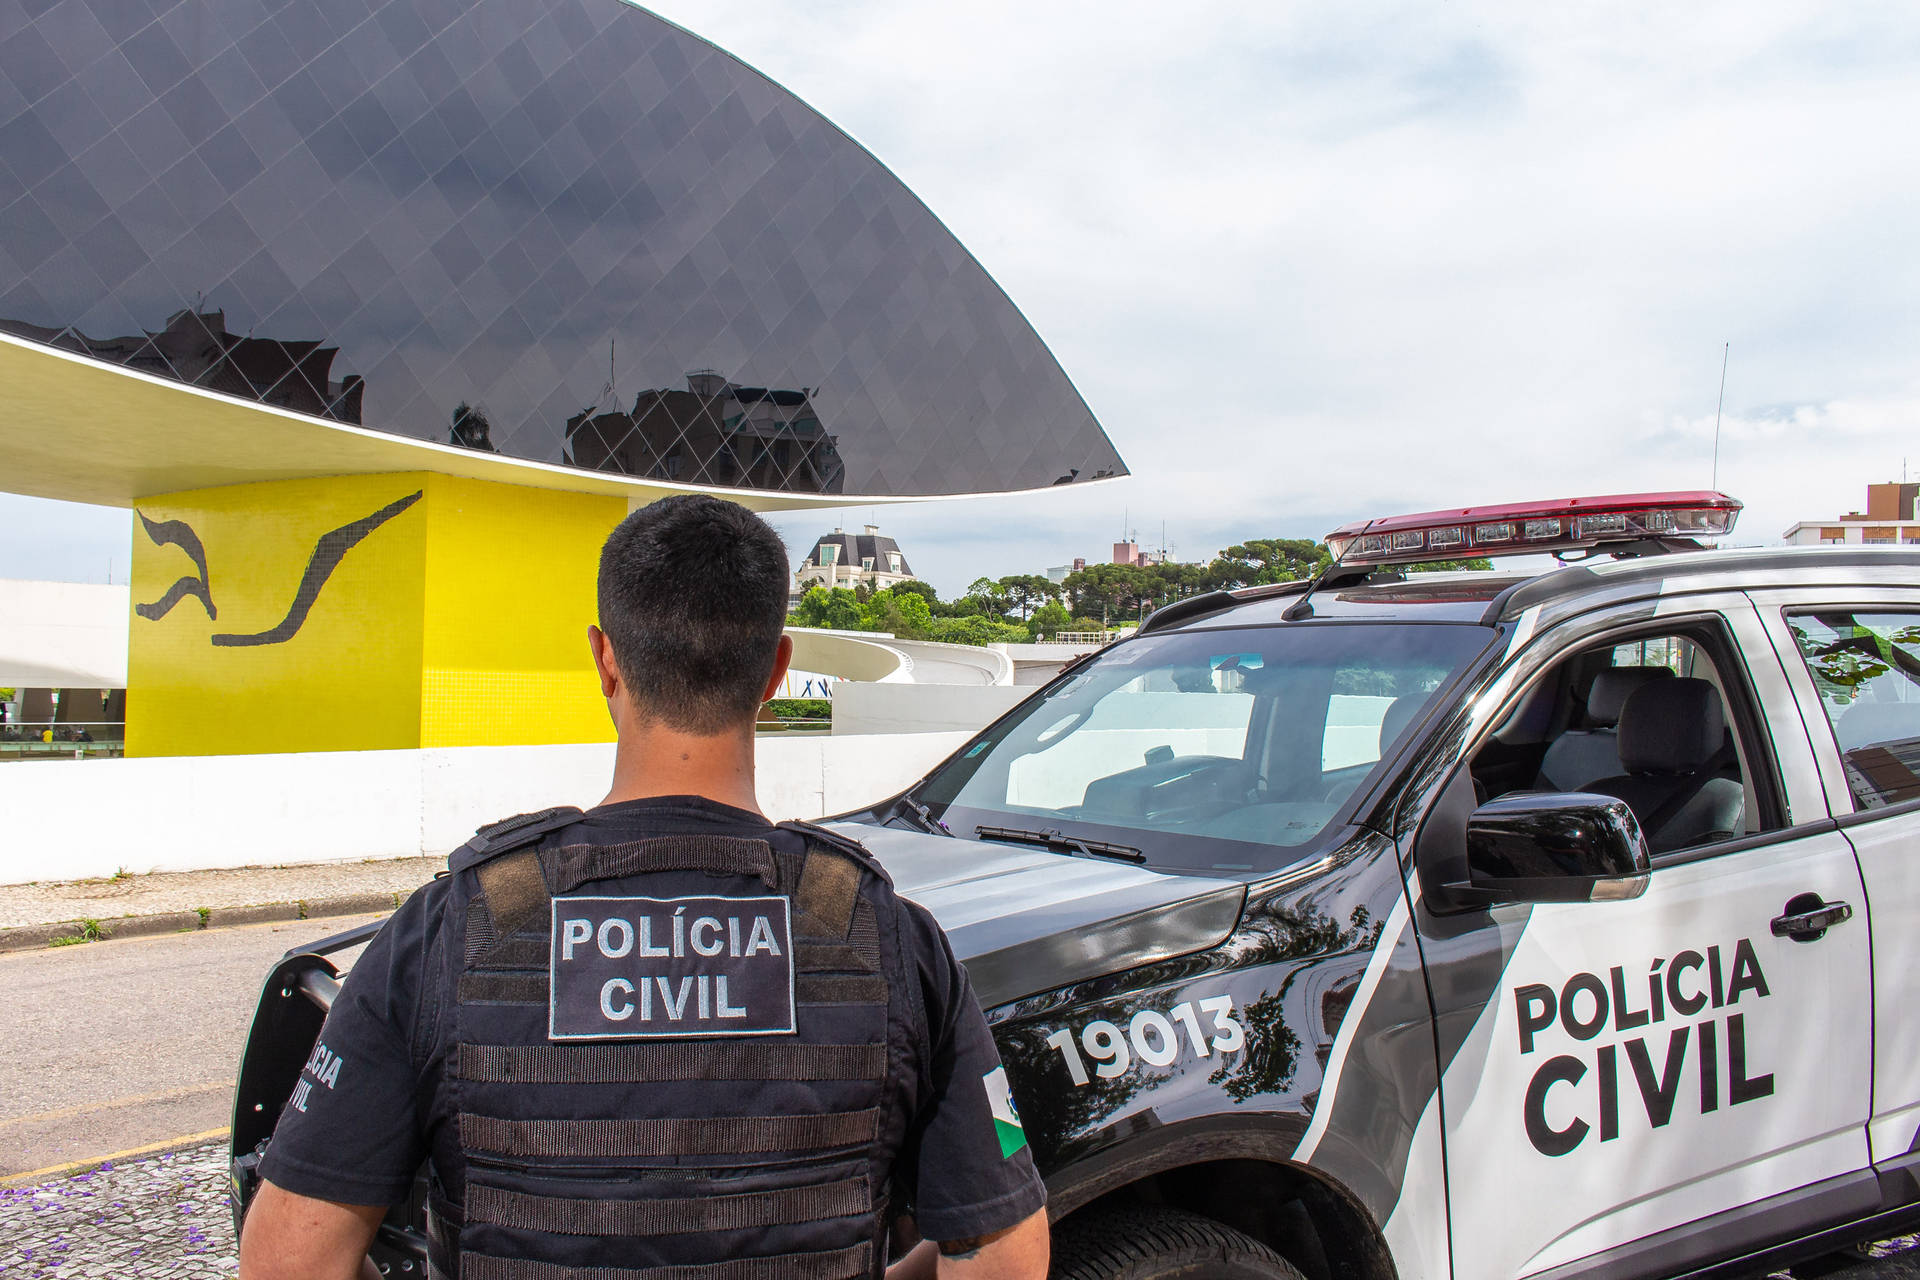 O resultado é de 2019. Taxa é semelhante a dos Estados Unidos. Em 2018, 37% dos casos ocorridos na capital paranaense foram esclarecidos